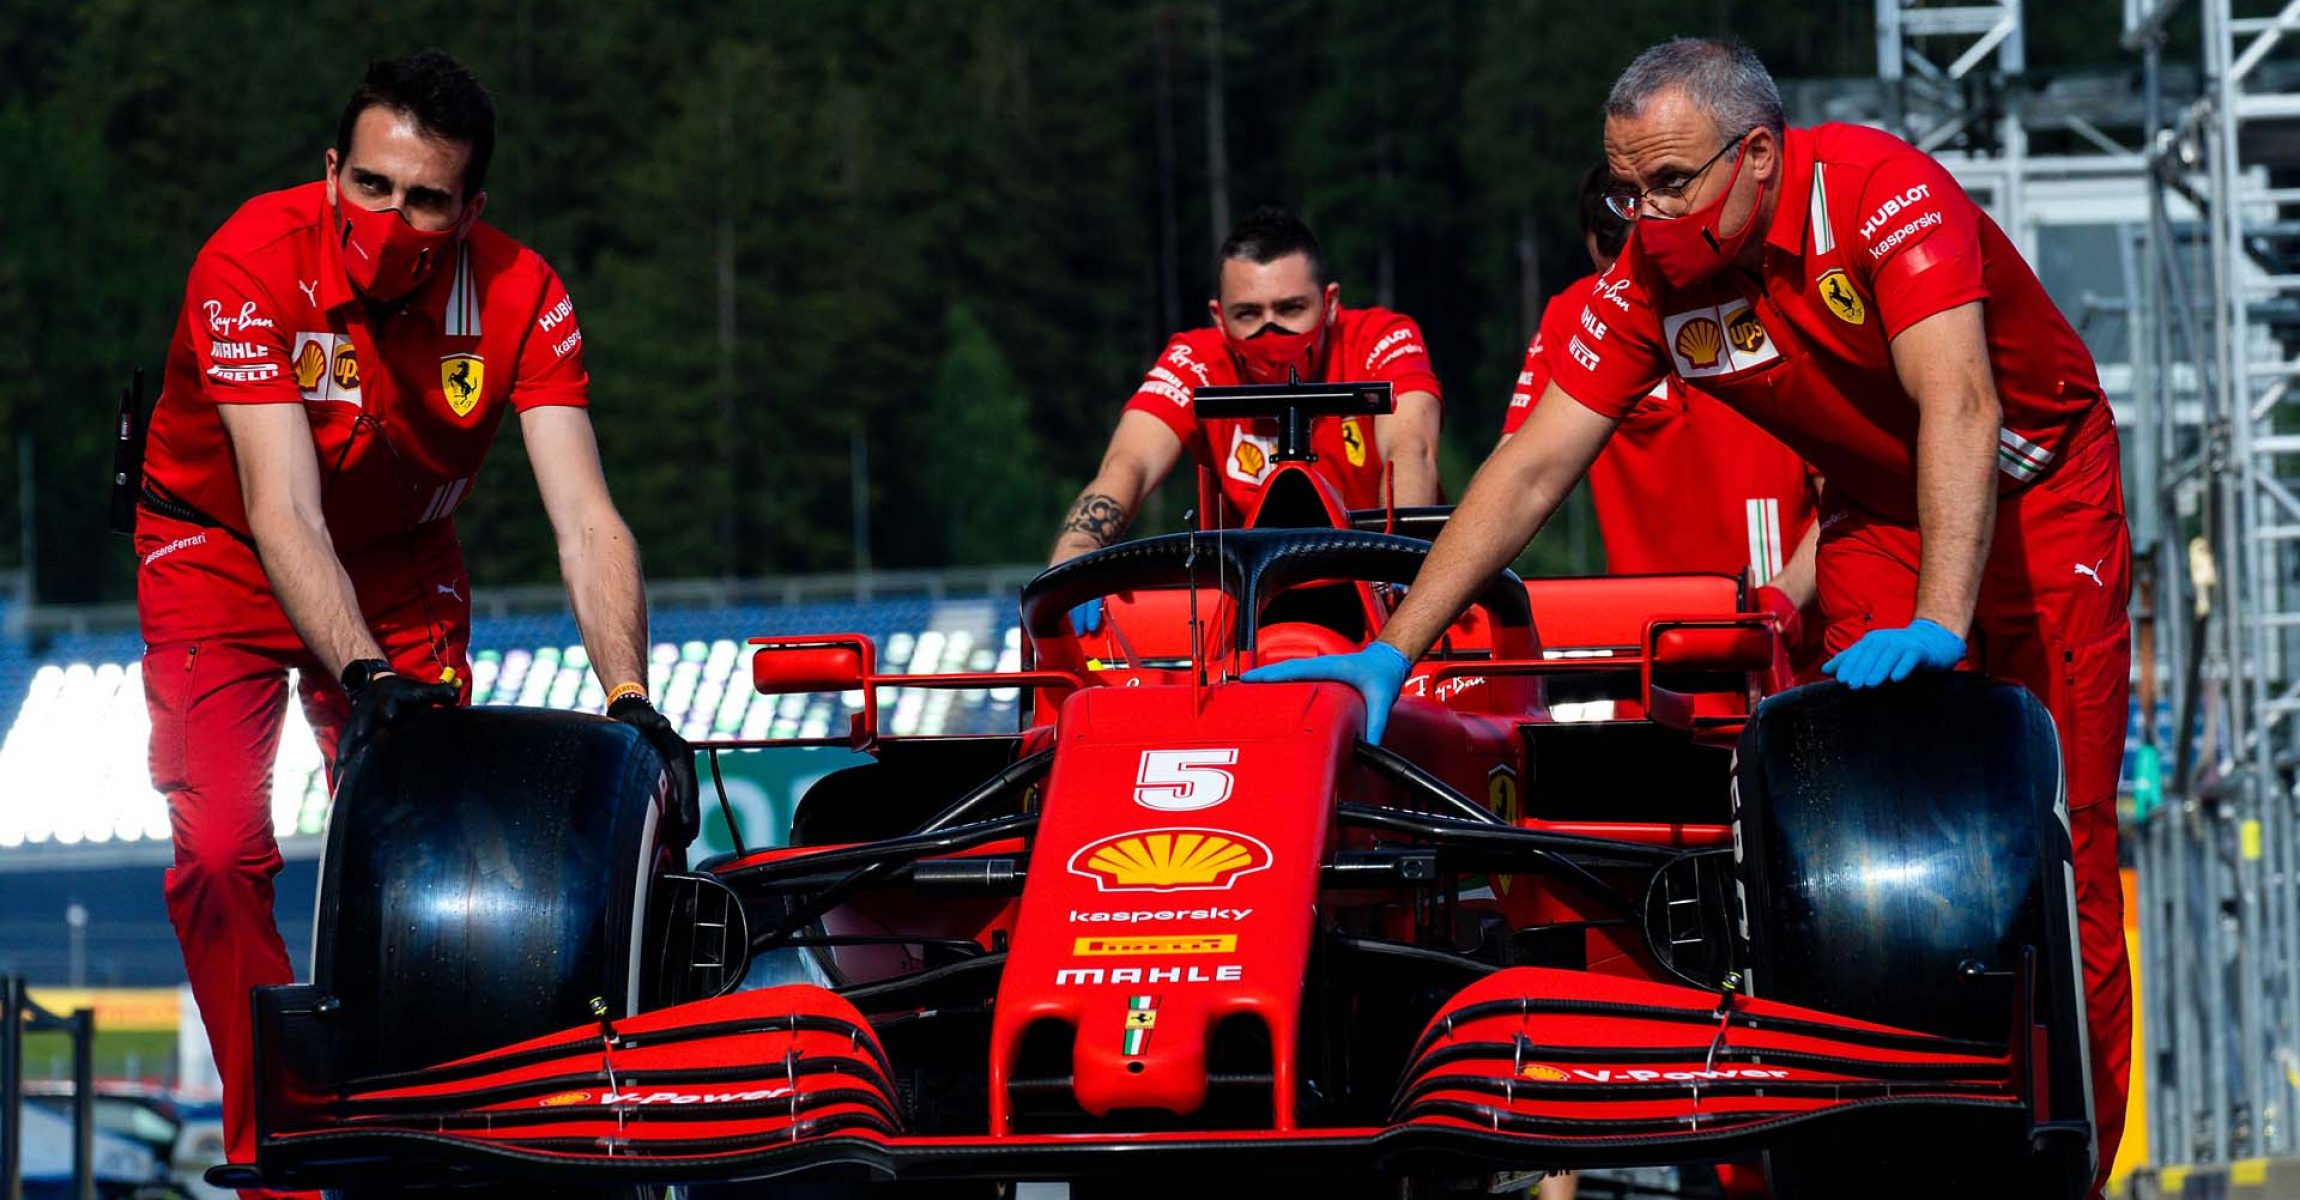 GP STYRIA F1/2020 - GIOVEDÌ 09/07/2020 credit: @Scuderia Ferrari Press Office